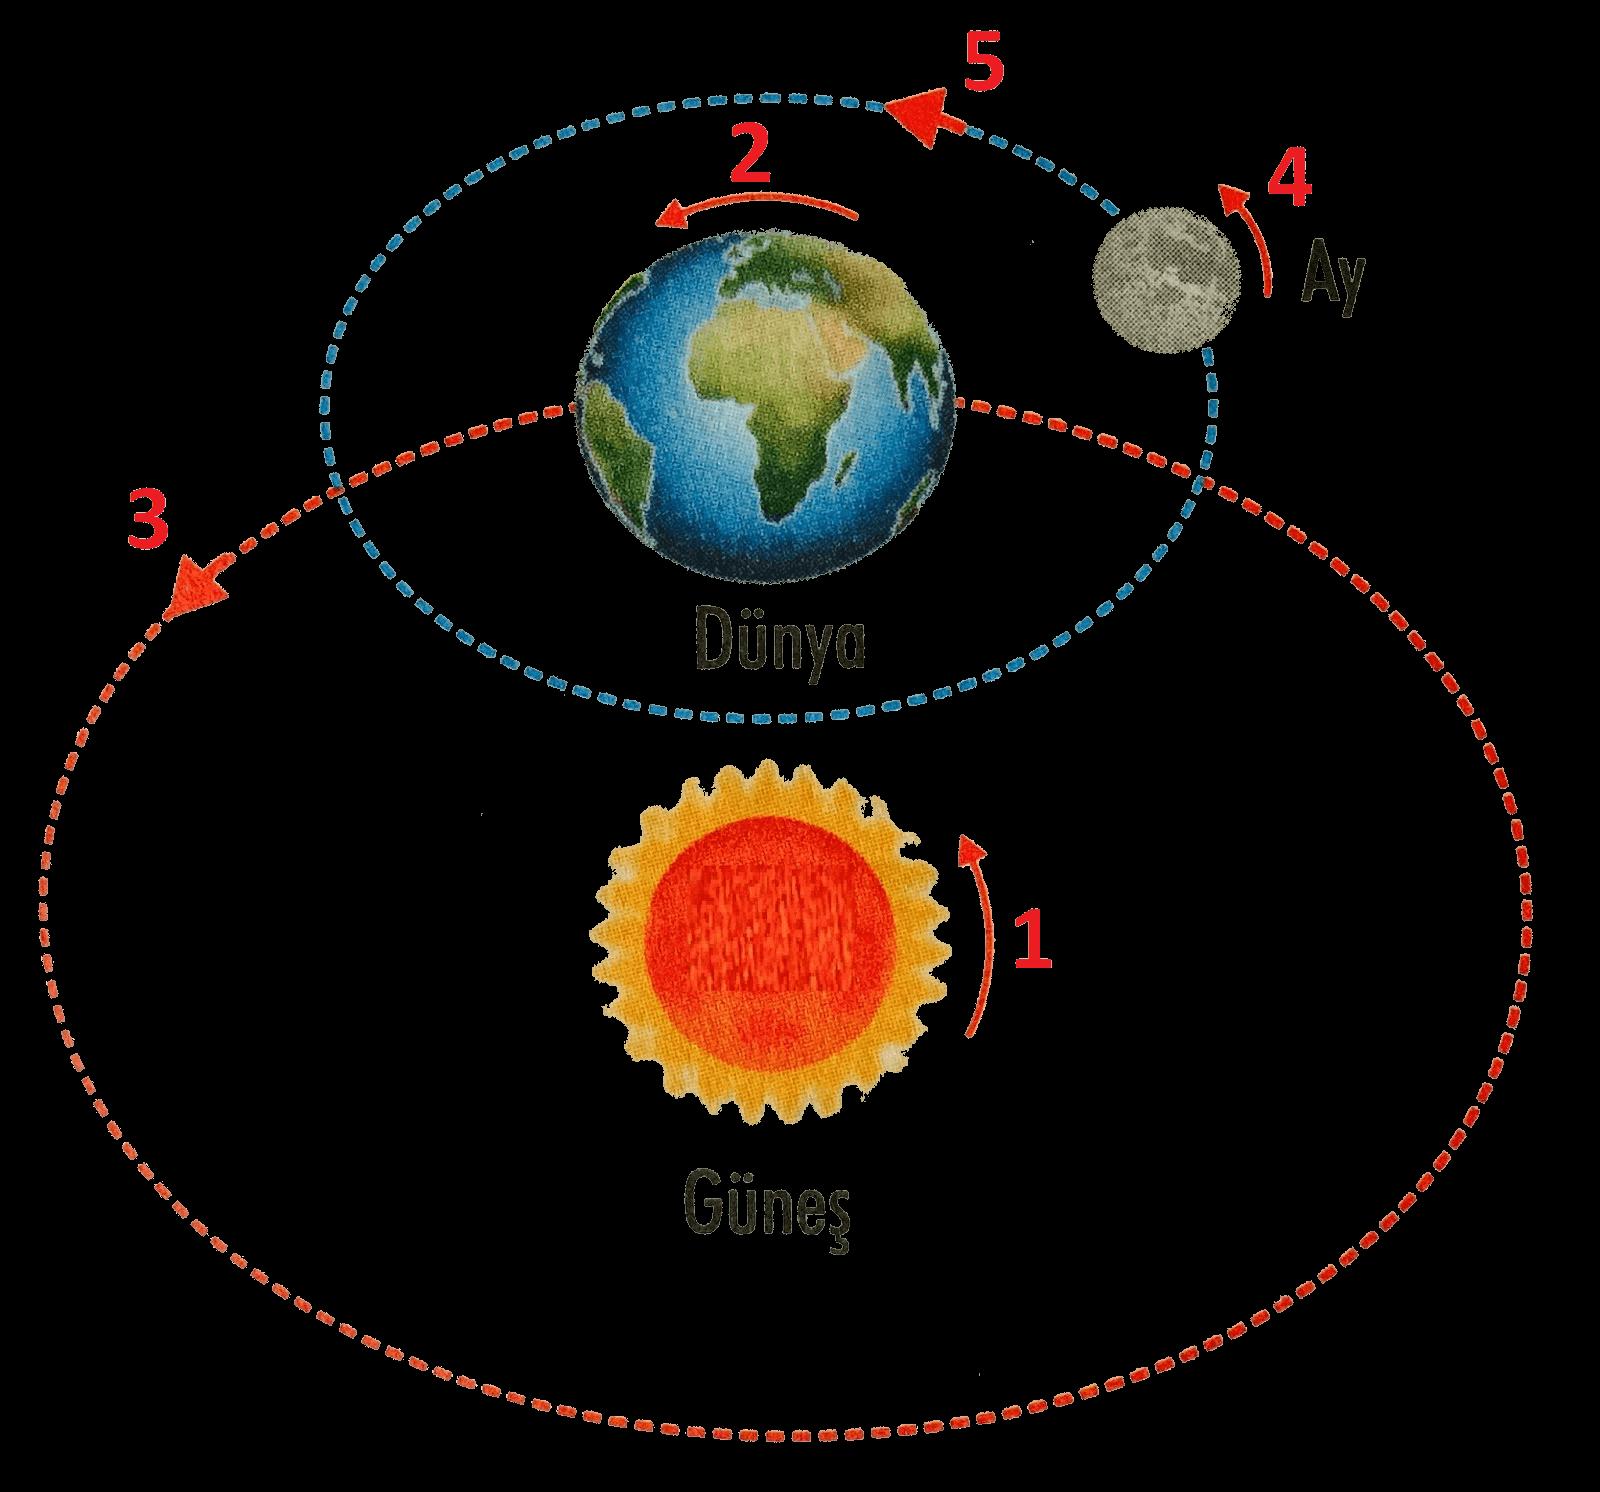 Güneş'in, Dünya'nın ve Ay'ın dönme ve dolanma yönleri